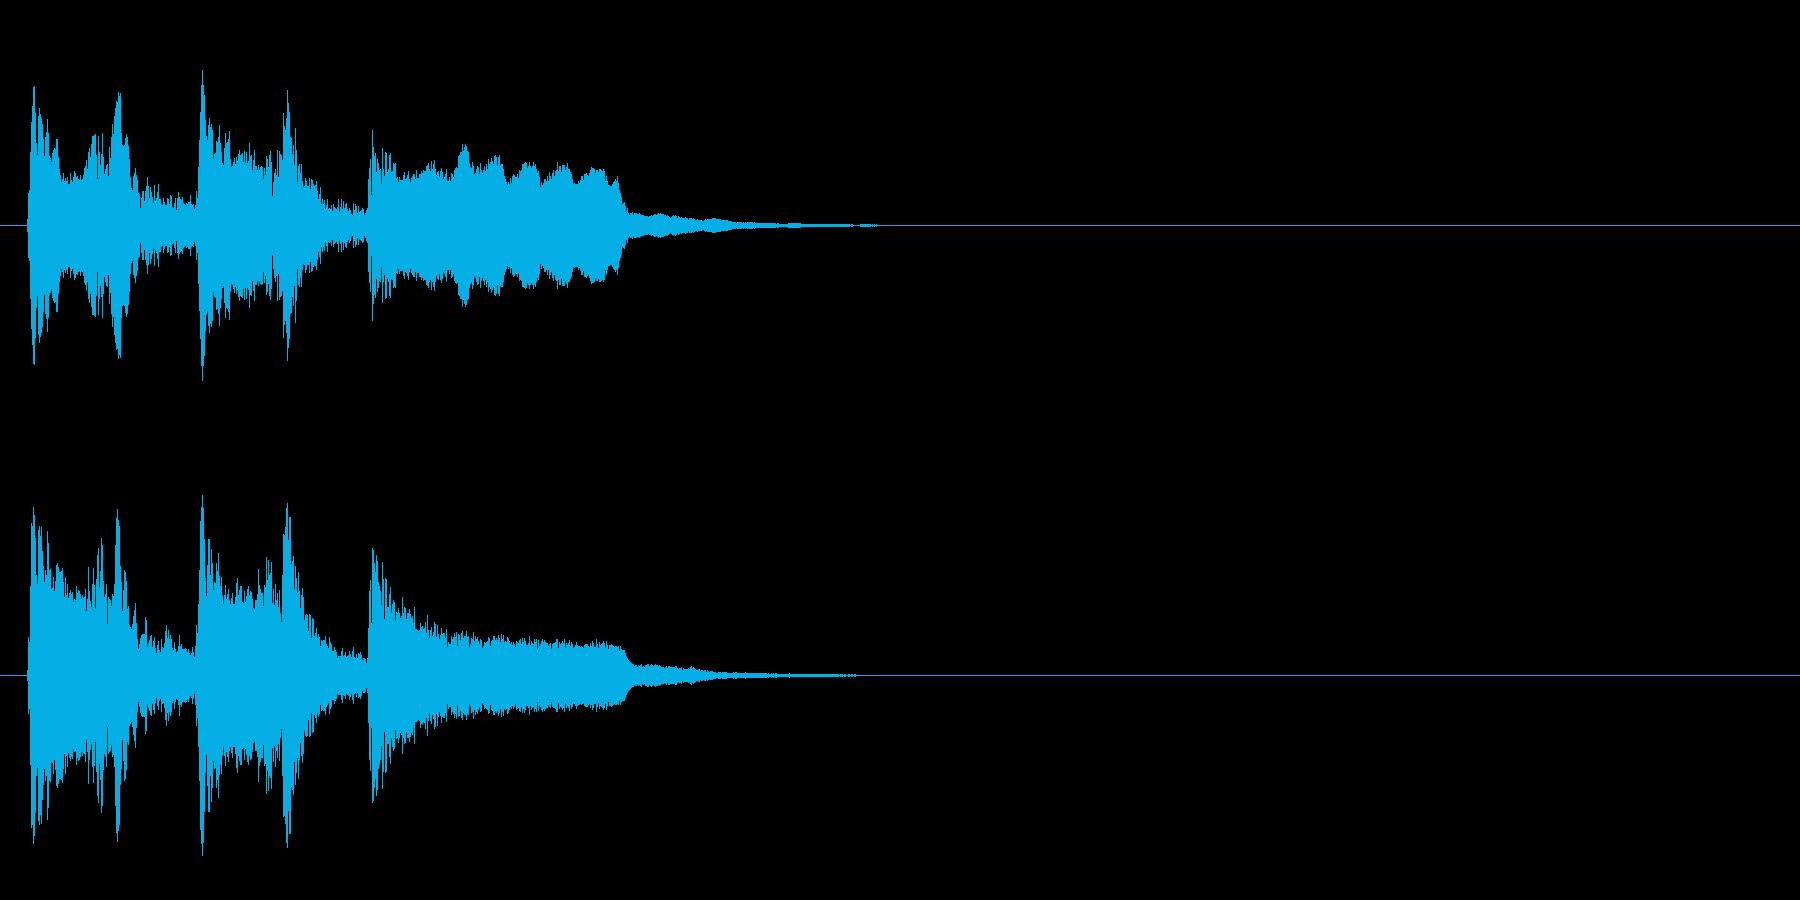 ジングル/SE(料理の実験おやおや?風)の再生済みの波形